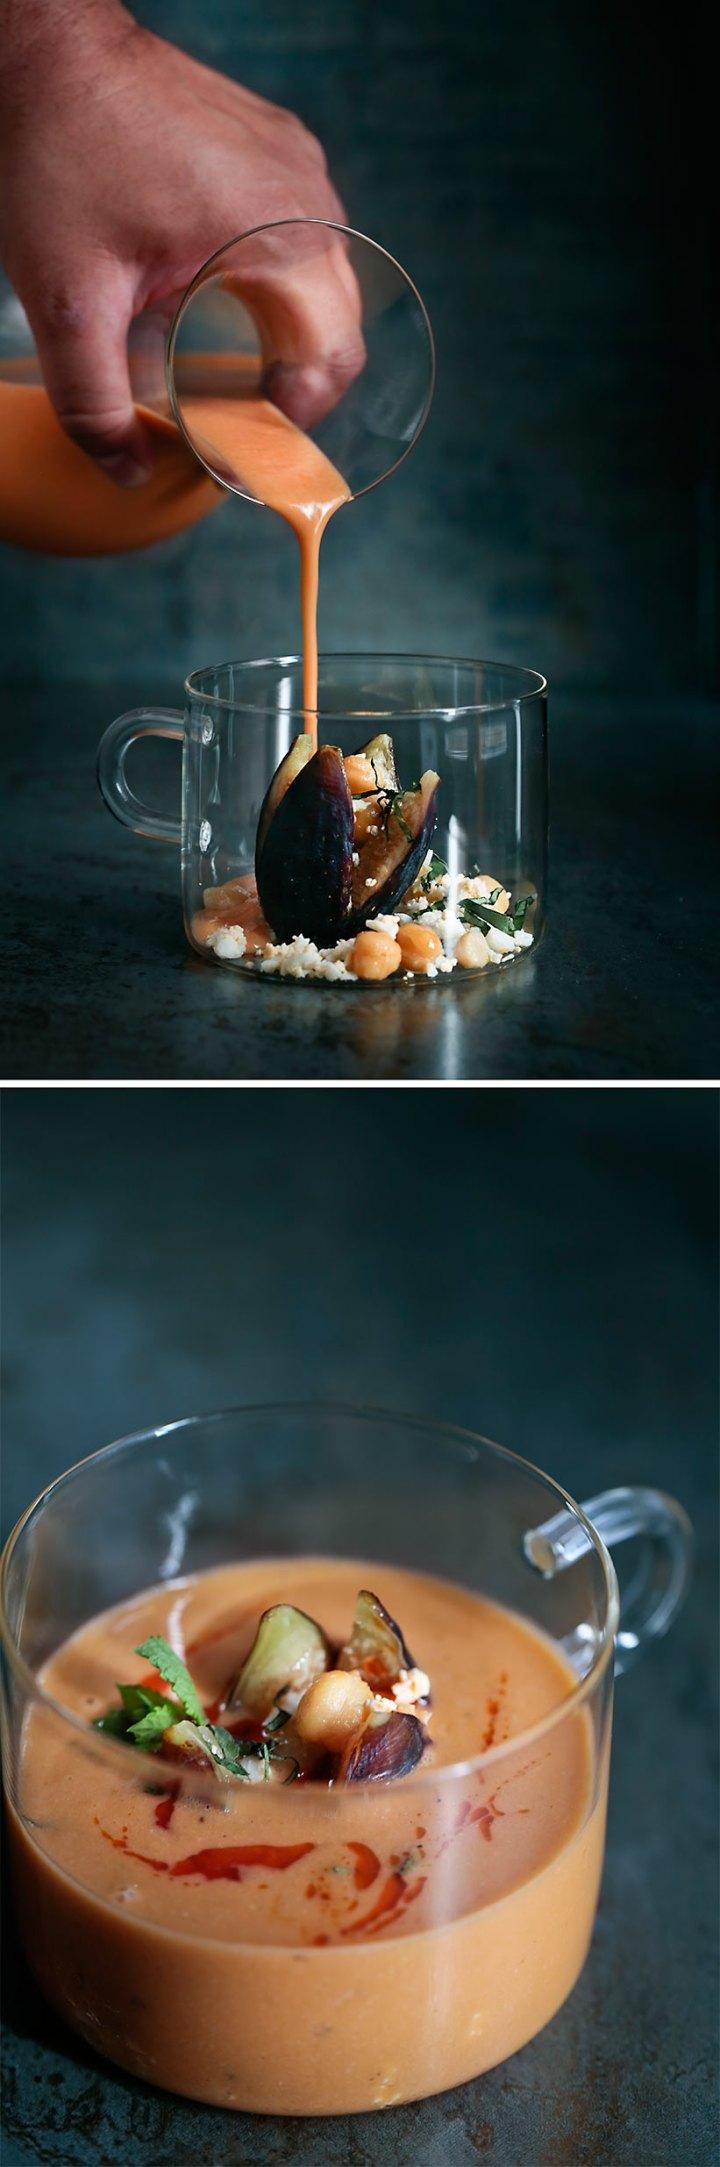 Receta de gazpacho de garbanzos 2